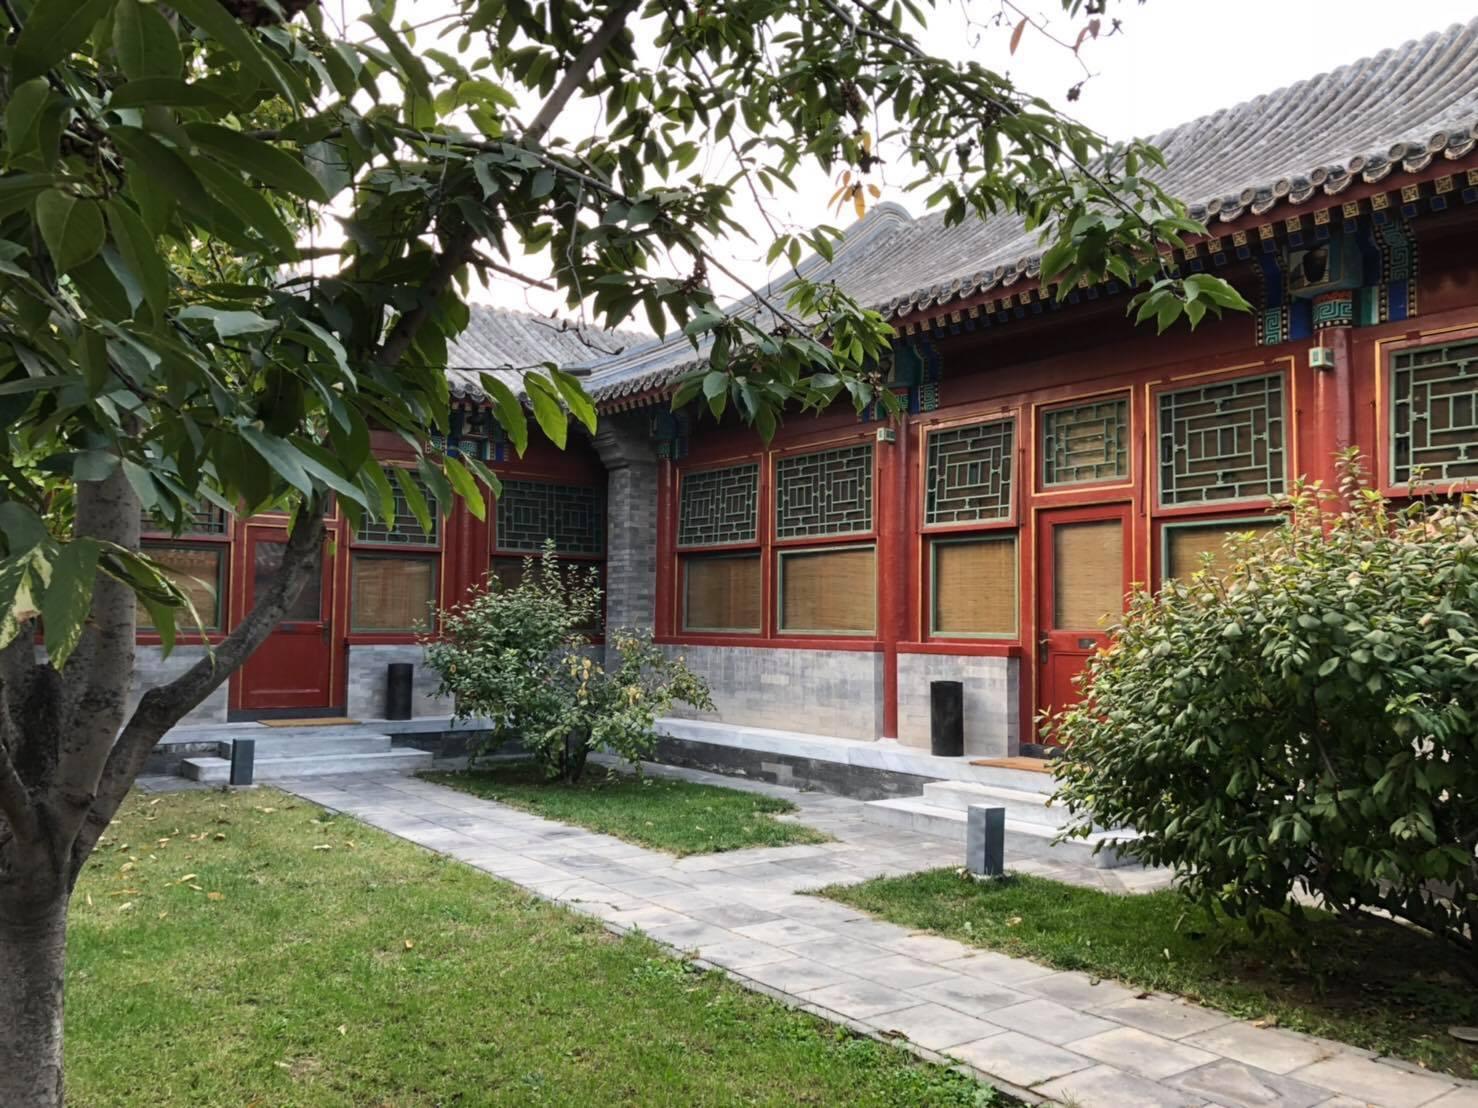 豪華套房(左邊)及庭院套房(右邊)的院落外觀